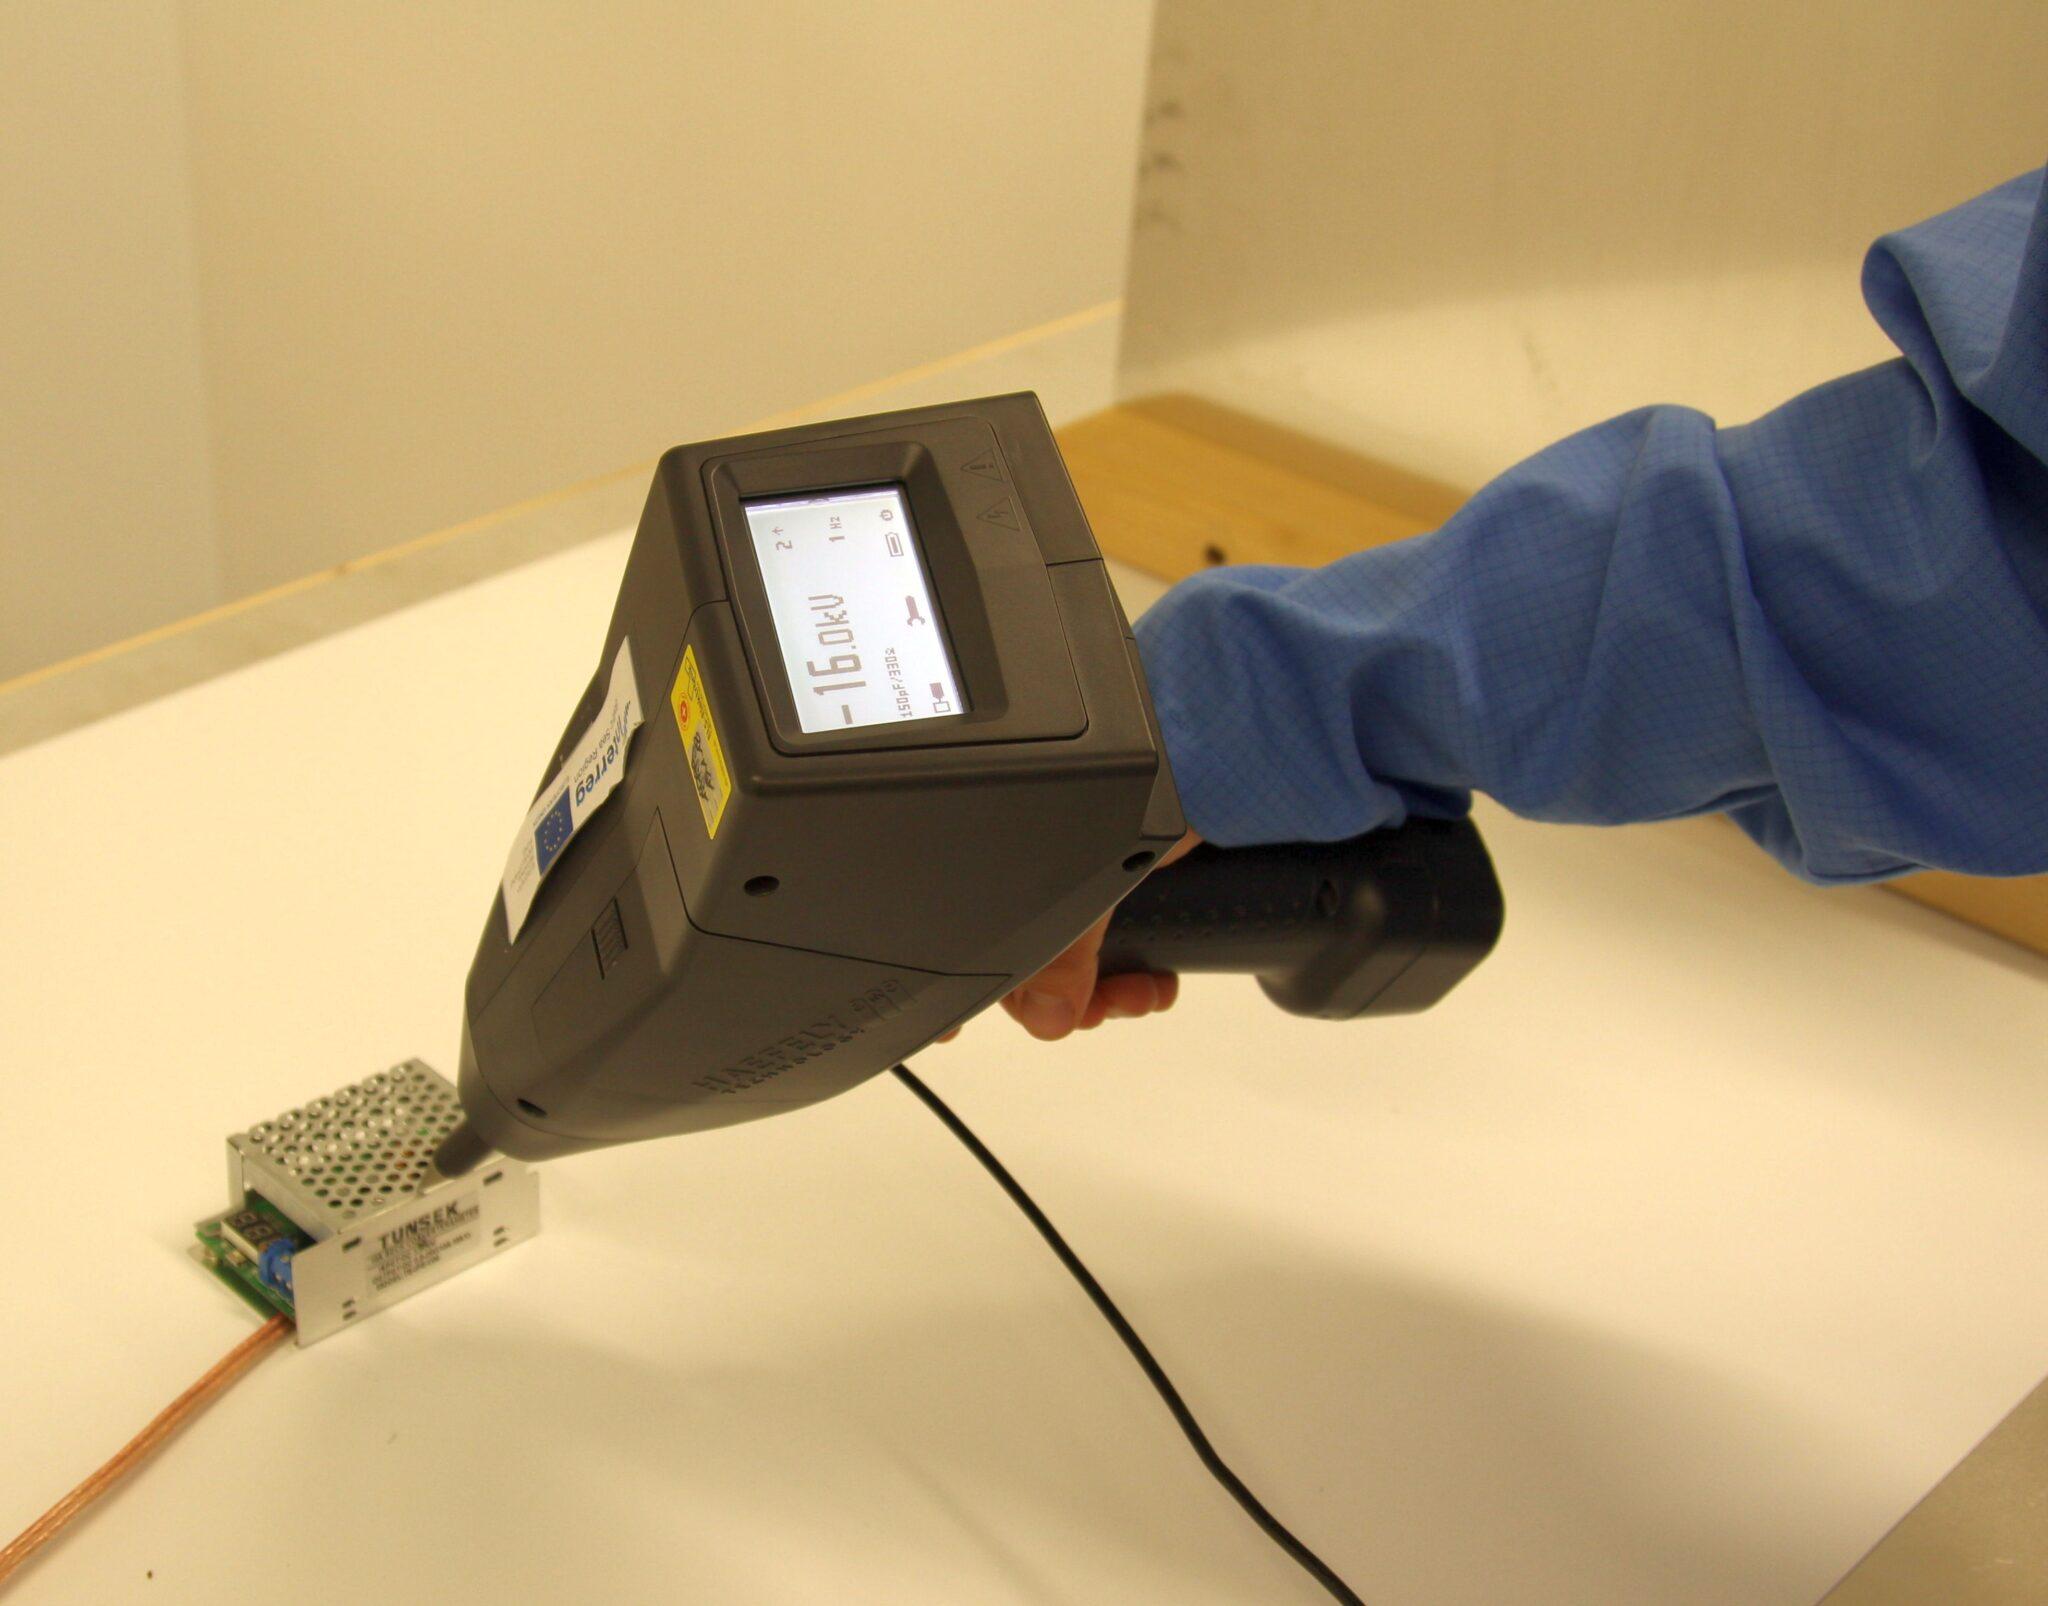 Seadmete töökindluse katsetamine elektrostaatilise laengu mõju suhtes. Foto: TÜ Observatoorium